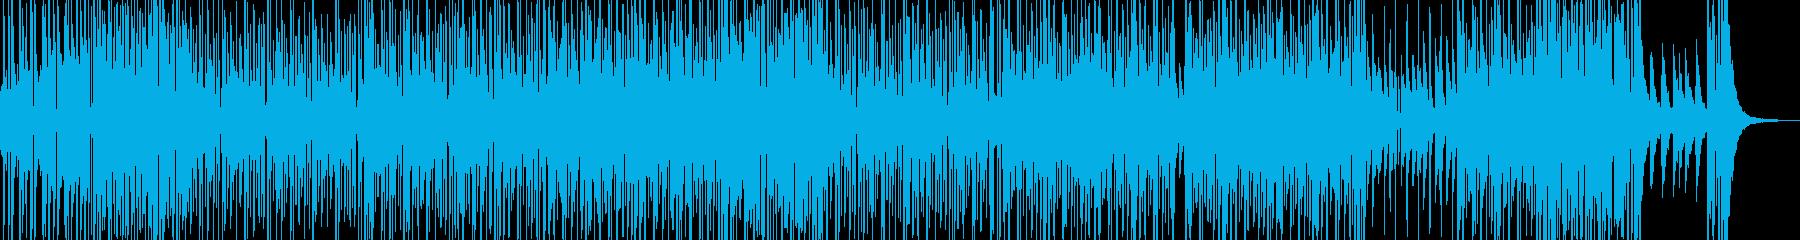 ファンキーで切ない雰囲気のR&Bの再生済みの波形